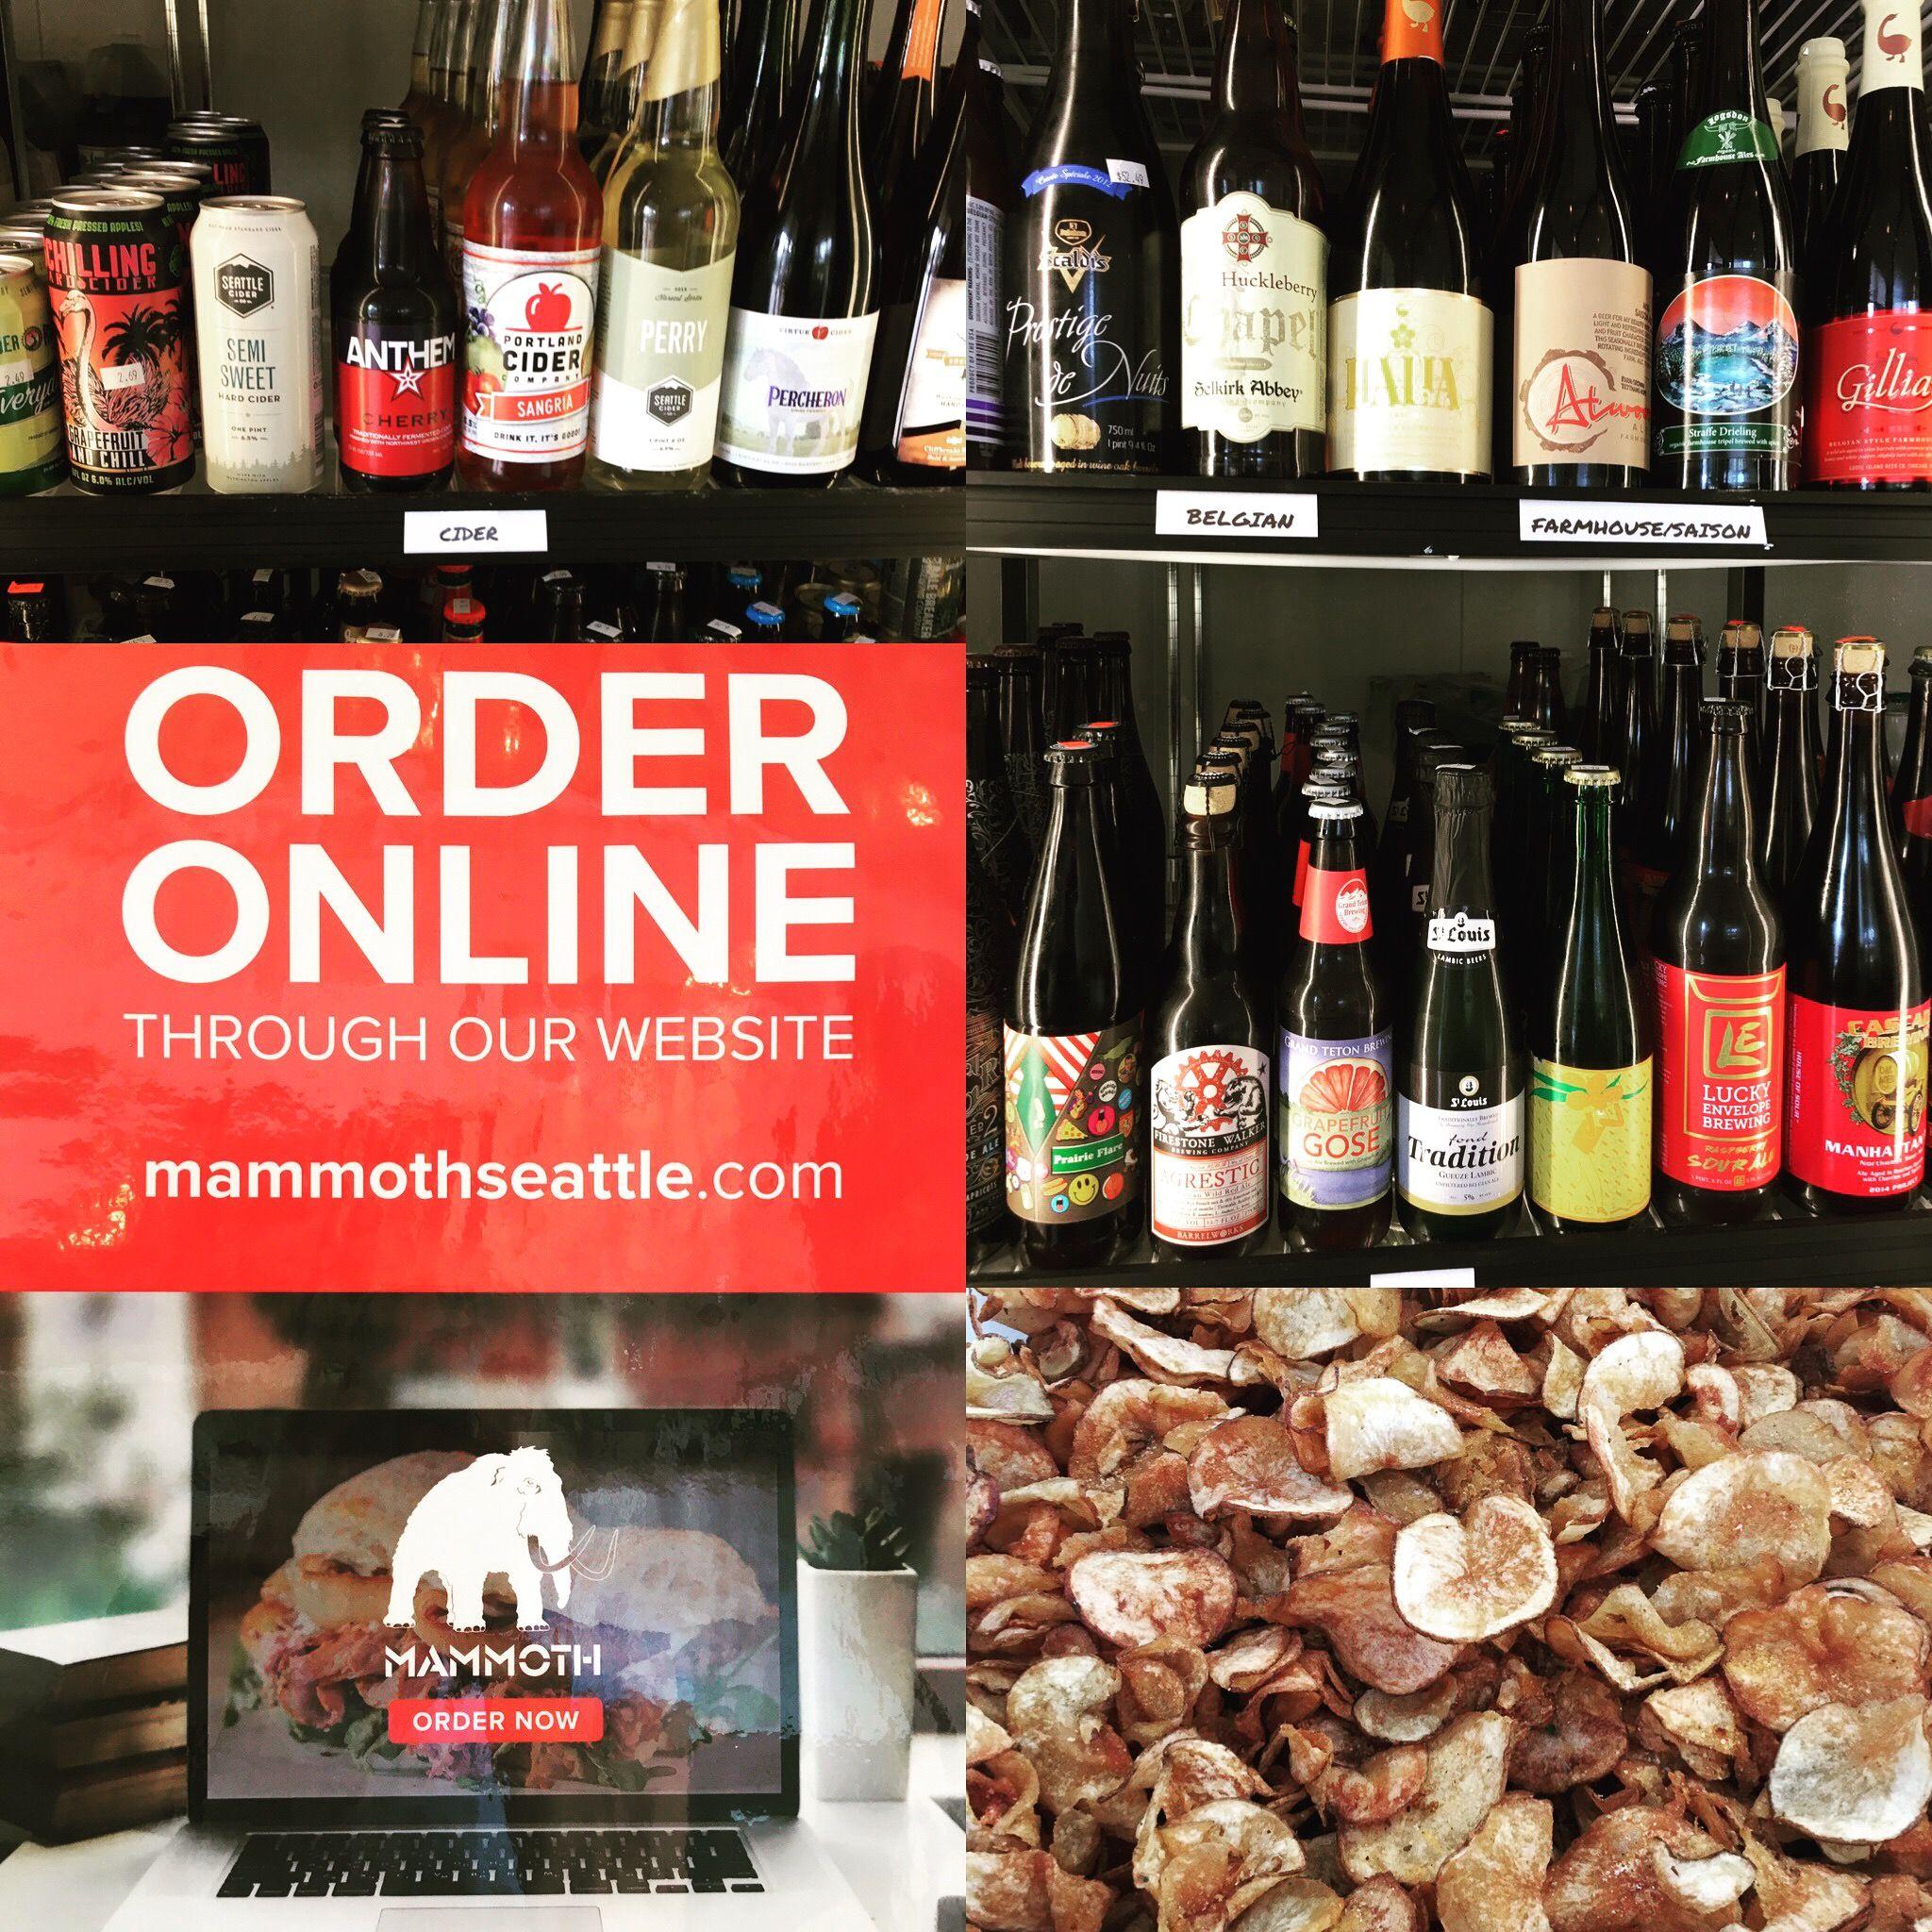 Mammoth eastlake cider order online